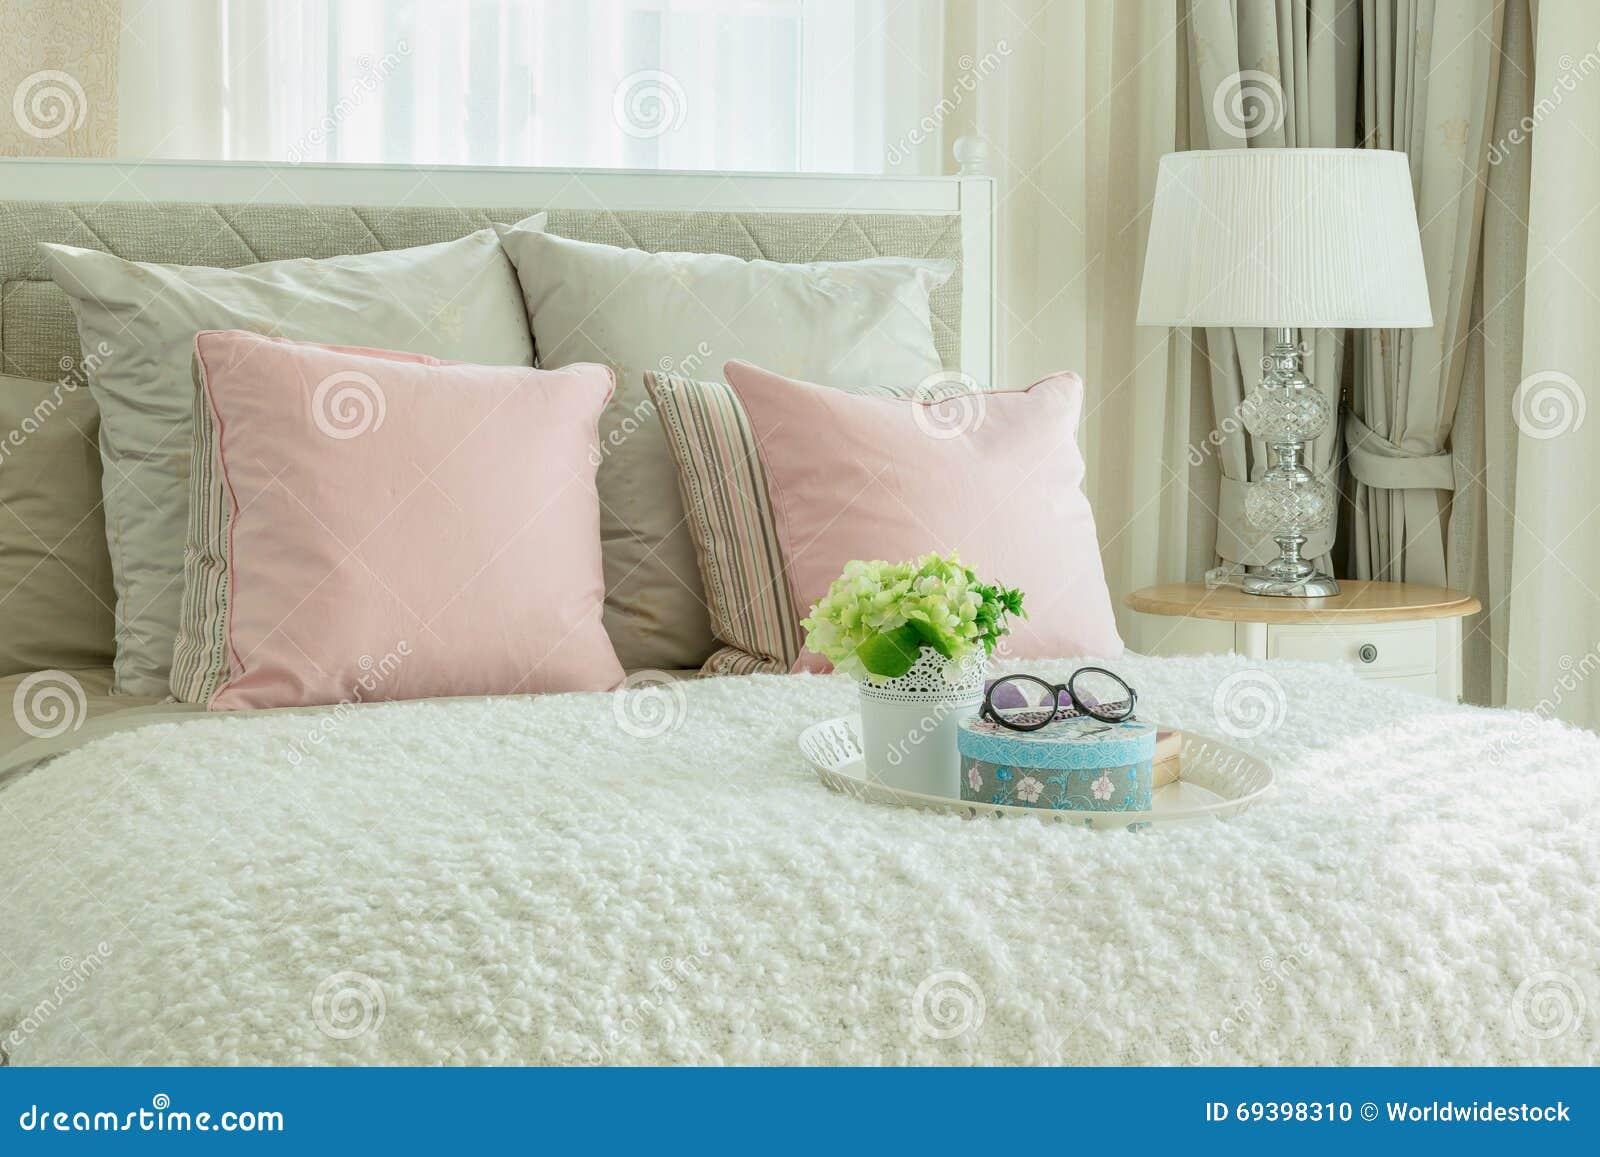 Gemutliches Schlafzimmer Mit Rosa Kissen Und Weissem Behalter Der